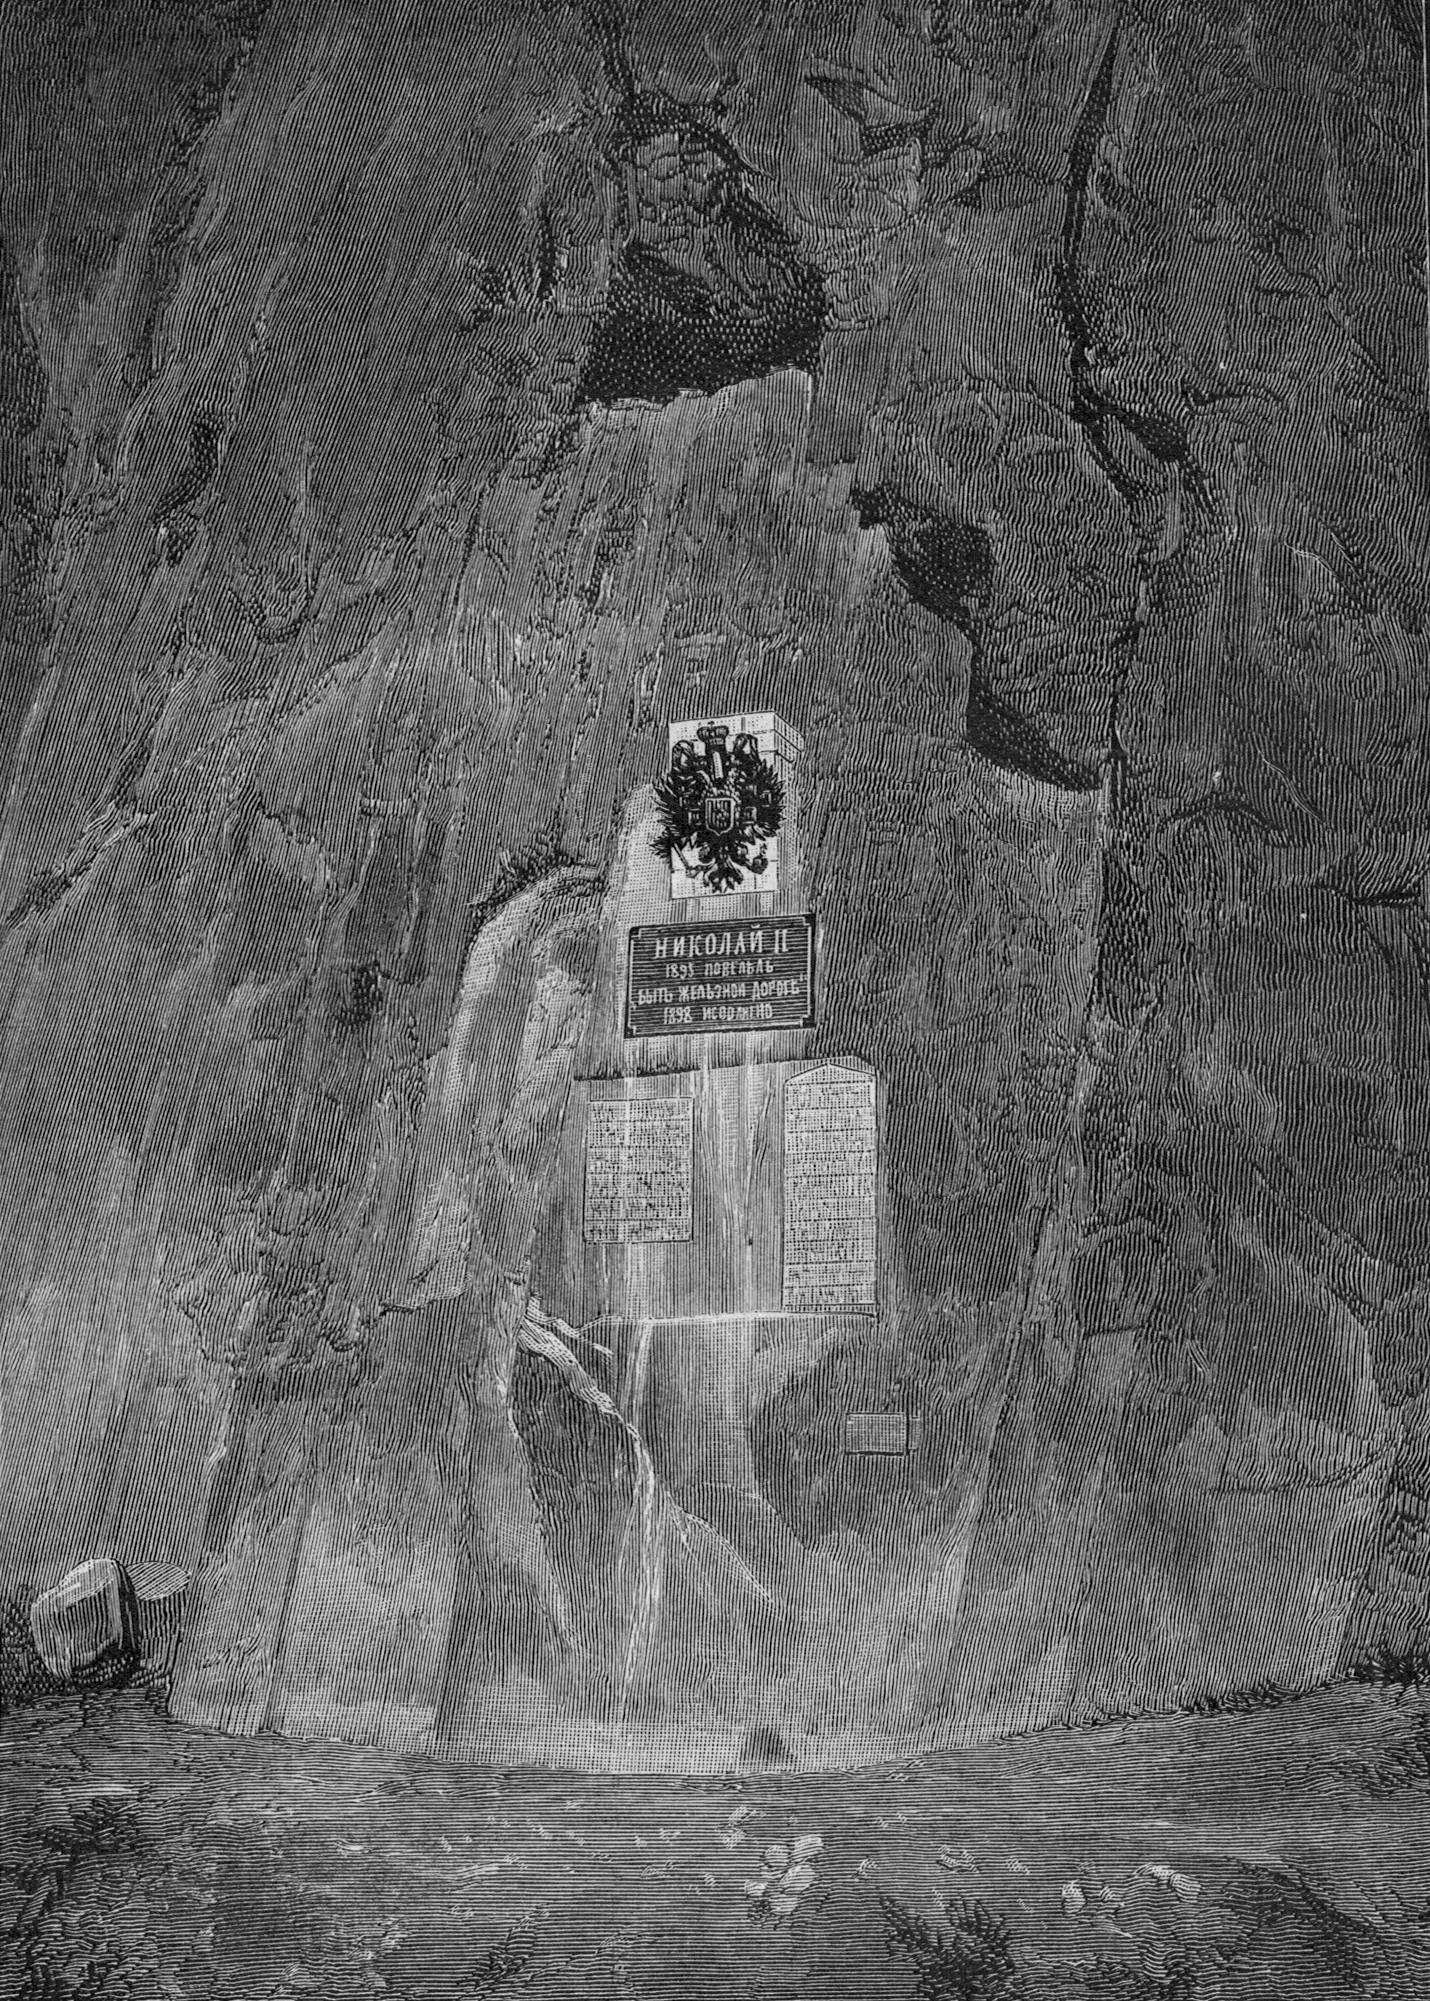 Окрестности Джизака. Государственный герб и надпись в Тамерлановом ущелье на 94-ой версте, в память сооружения Самарканд-Андижанской железной дороги